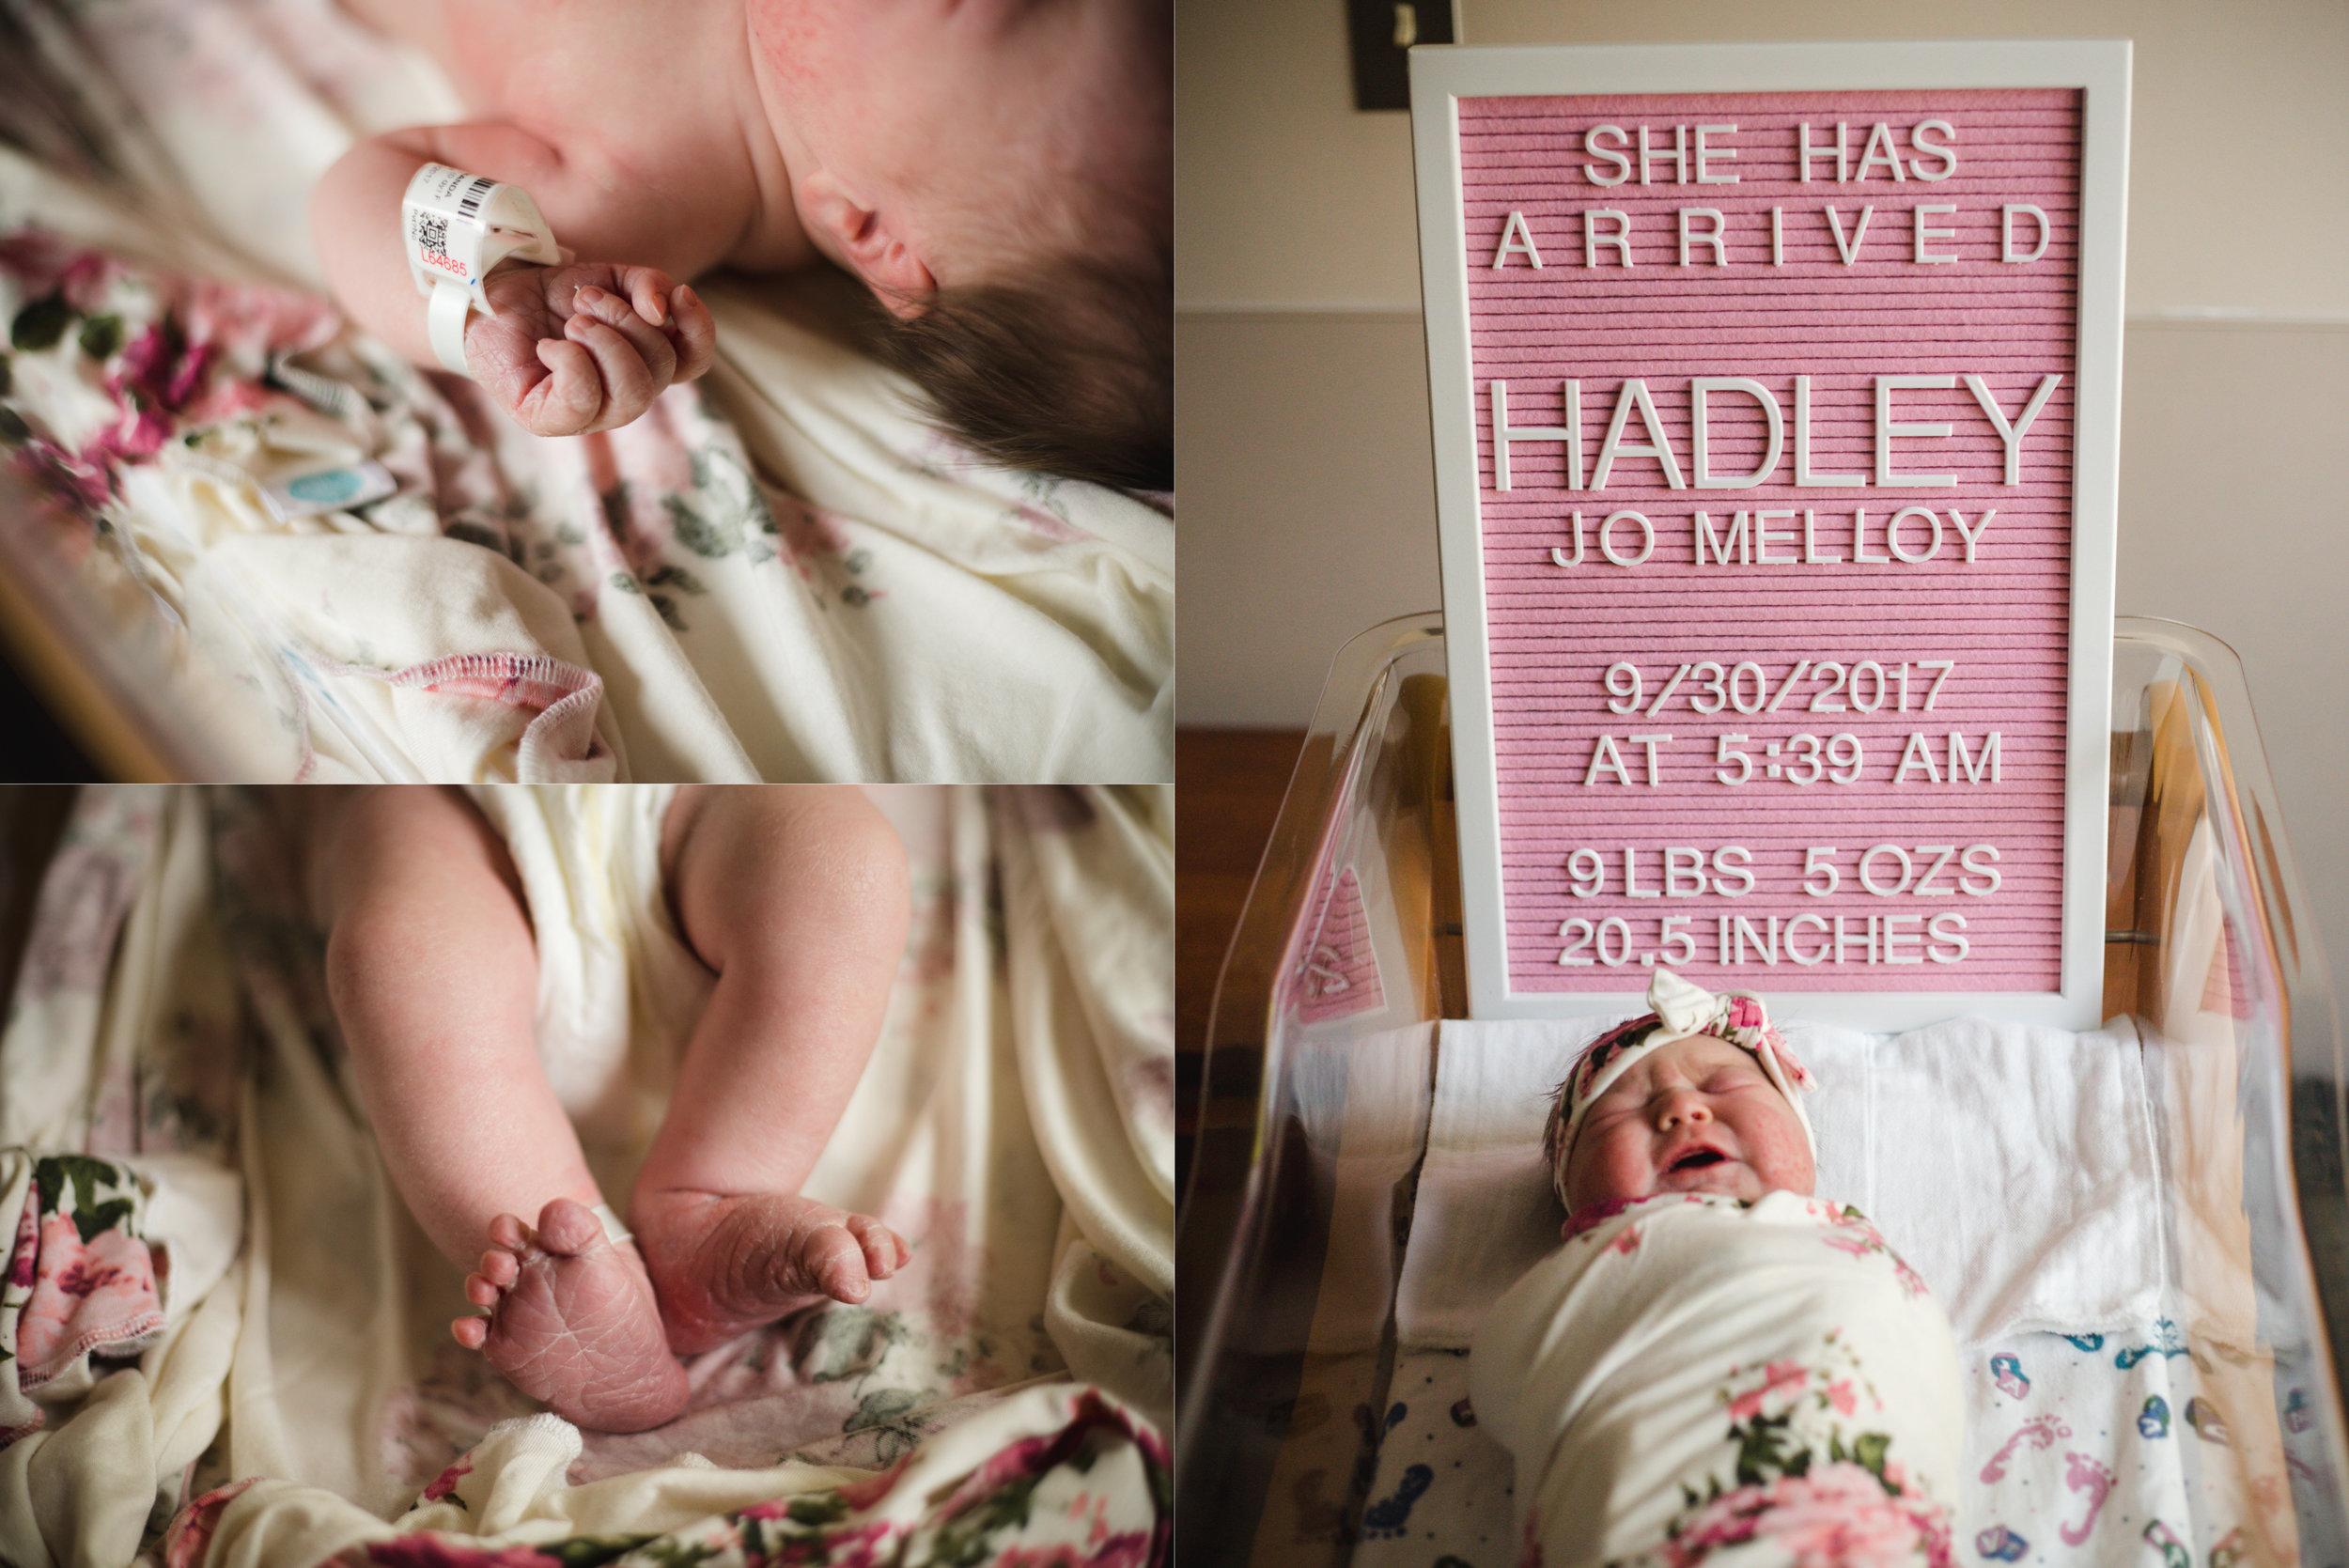 HadleySM-Blog1.jpg